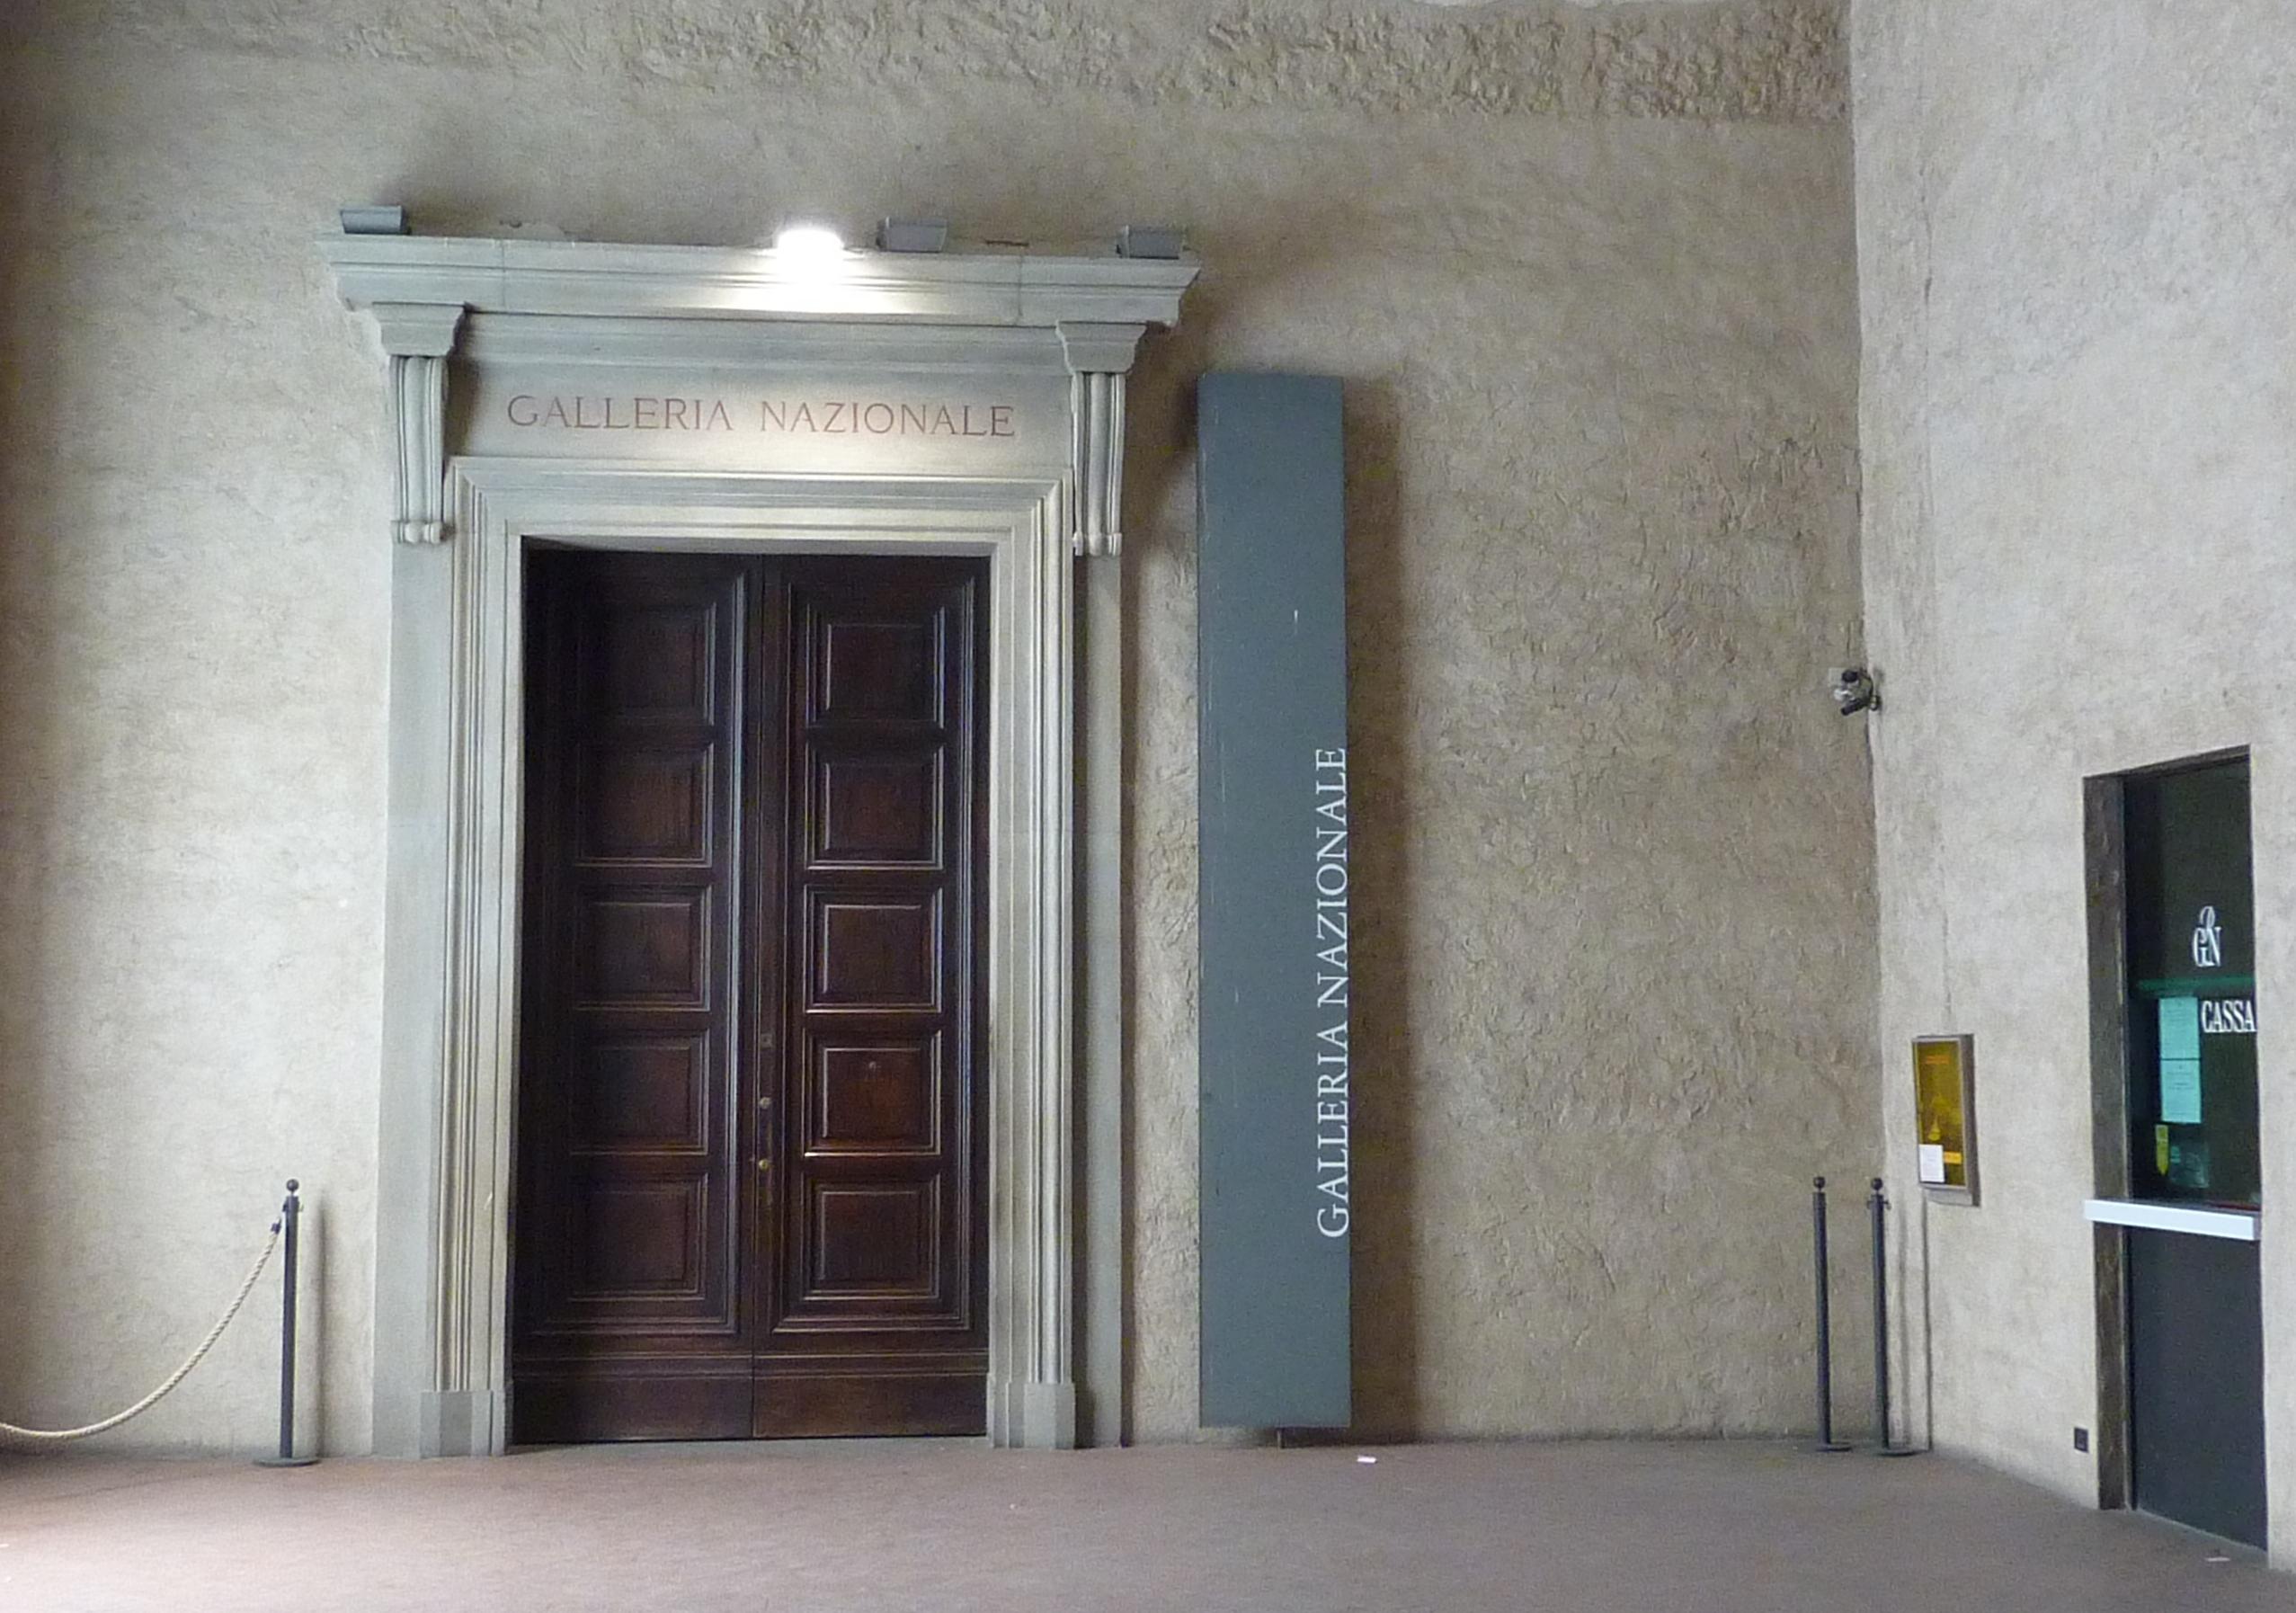 Pinacoteca Nazionale Parma File:galleria Nazionale Parma